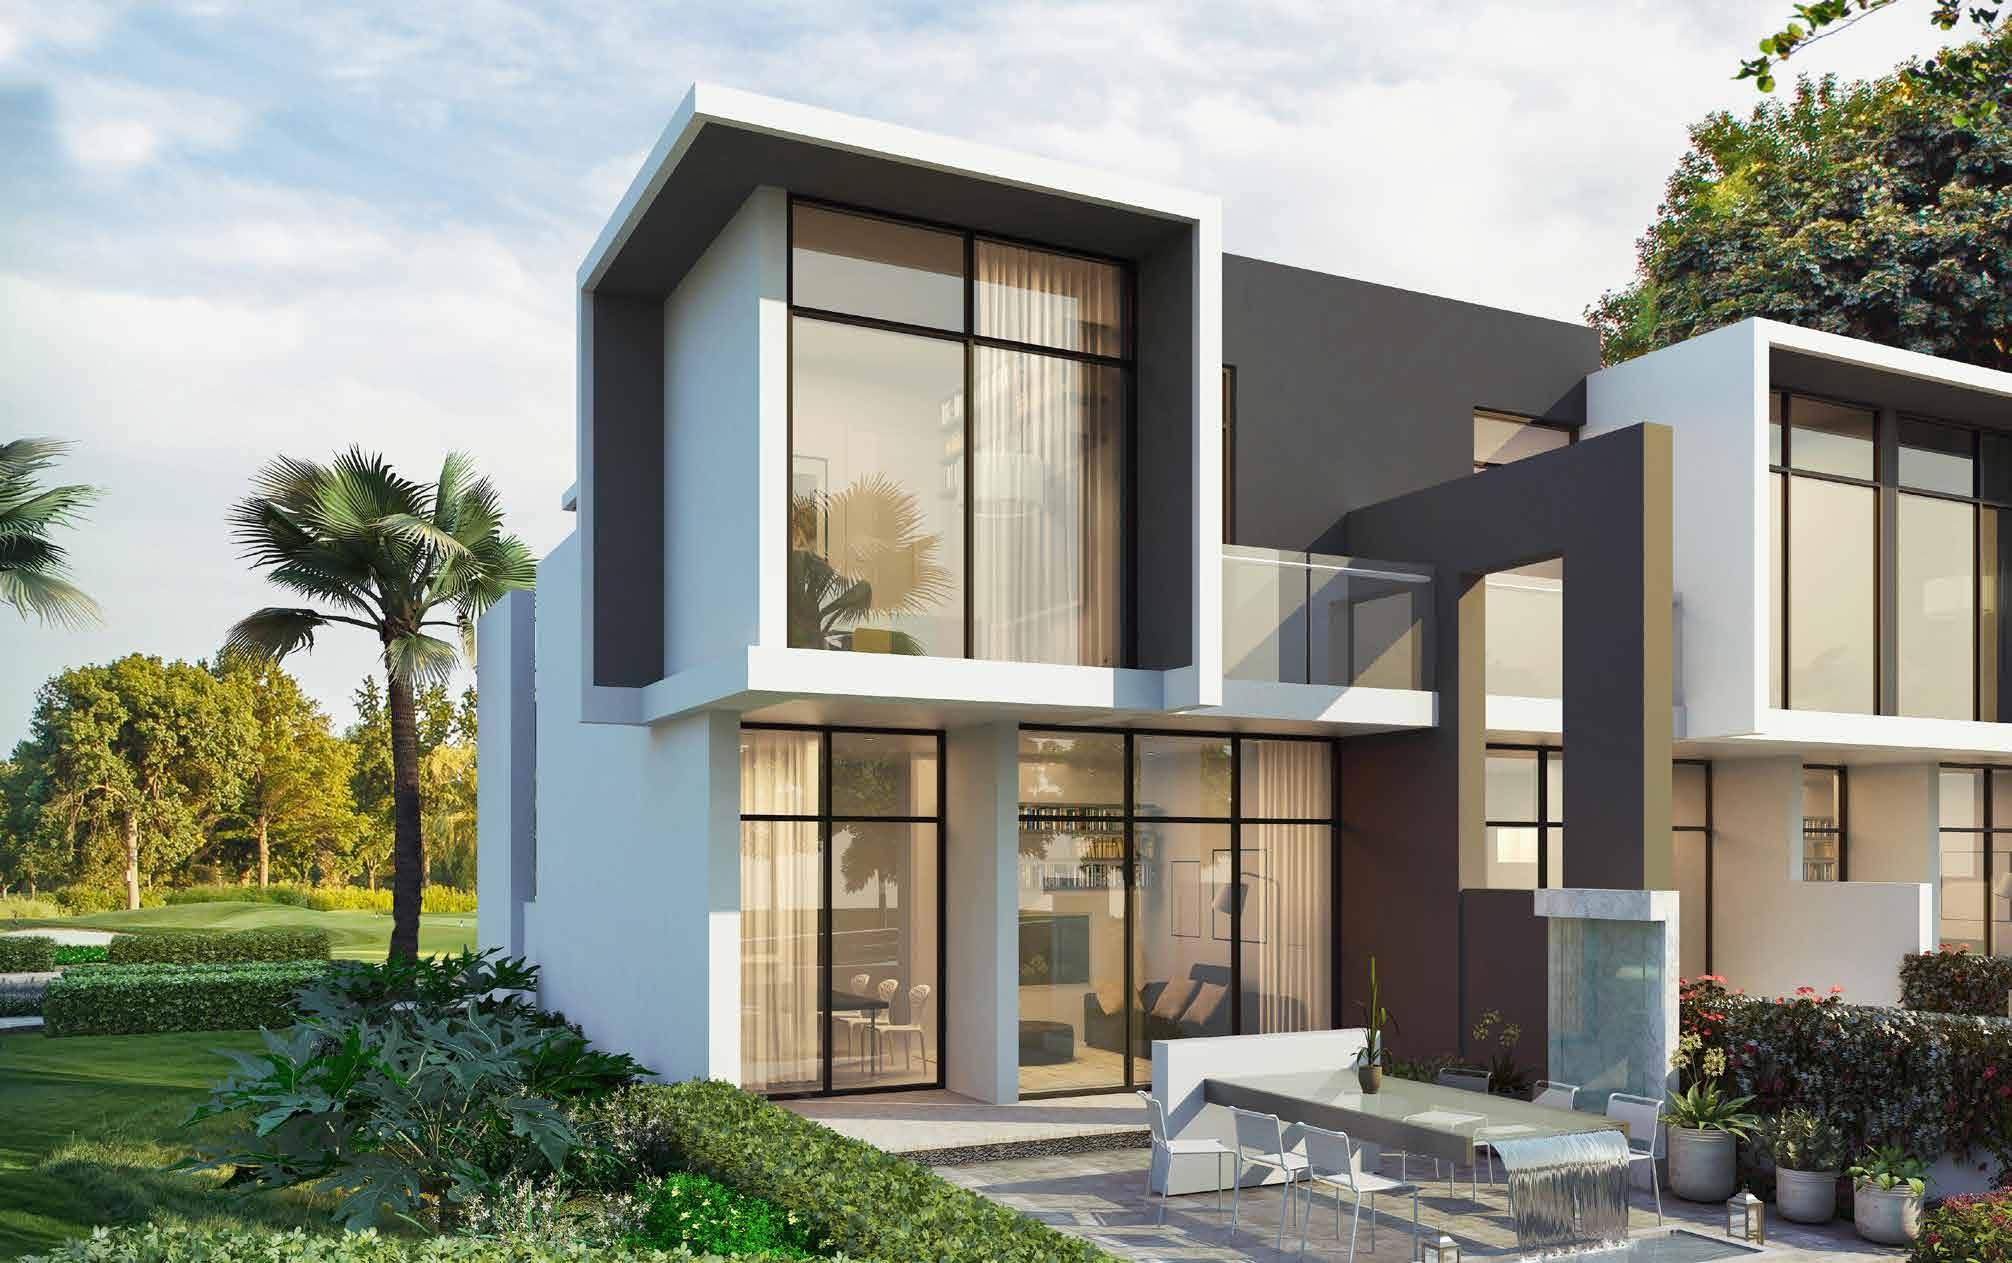 Sunny 3 bedroom villas